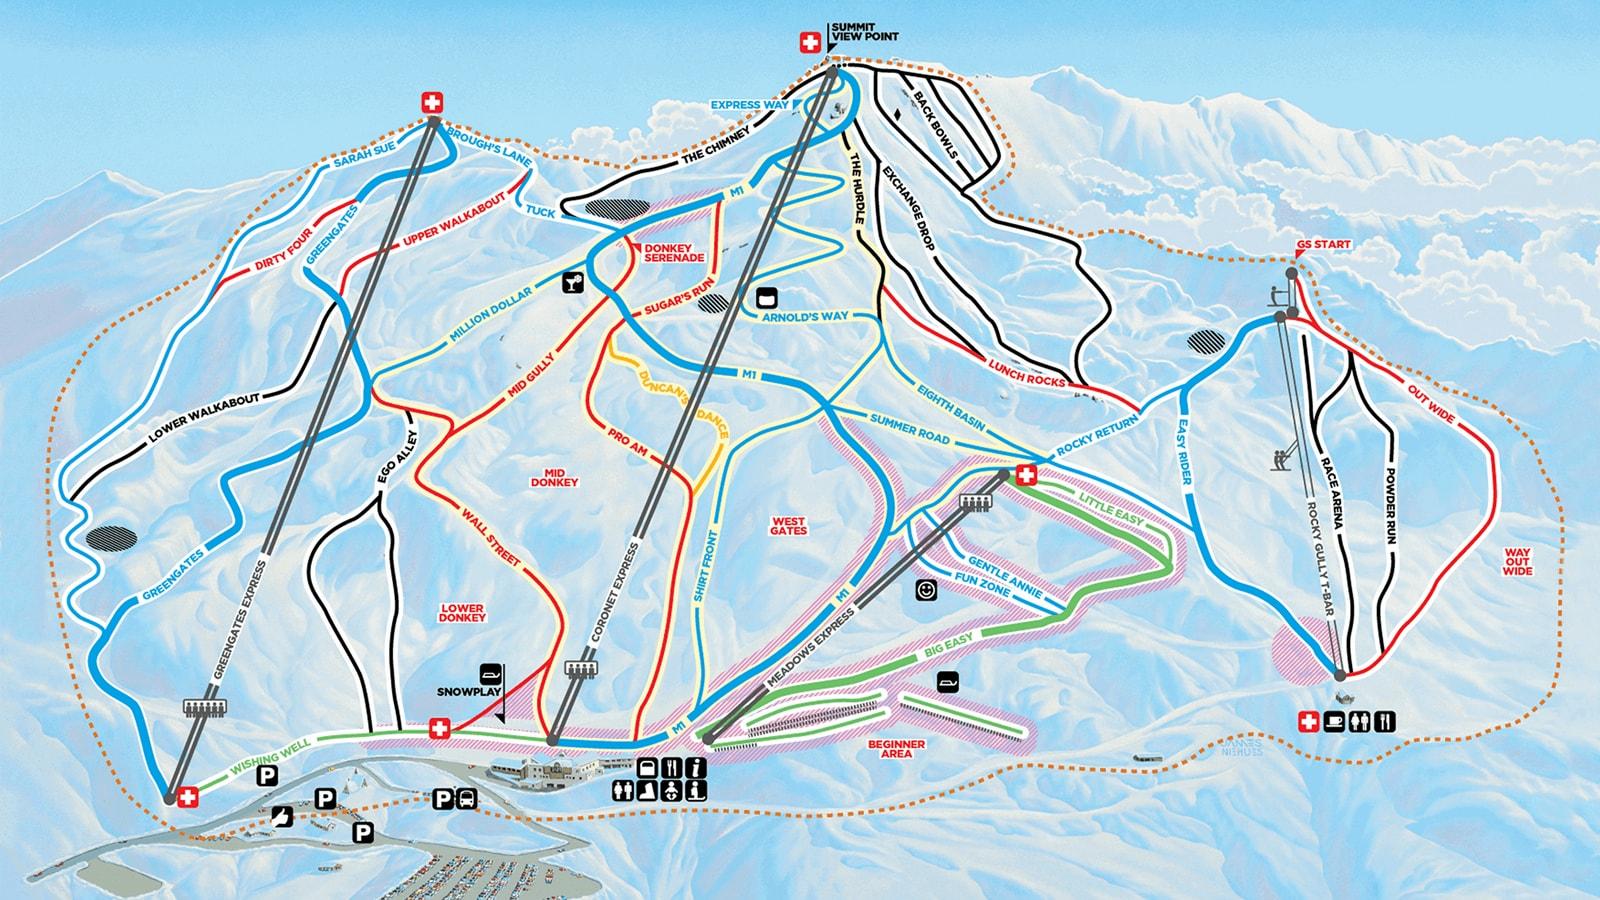 Coronet Peak Piste / Trail Map